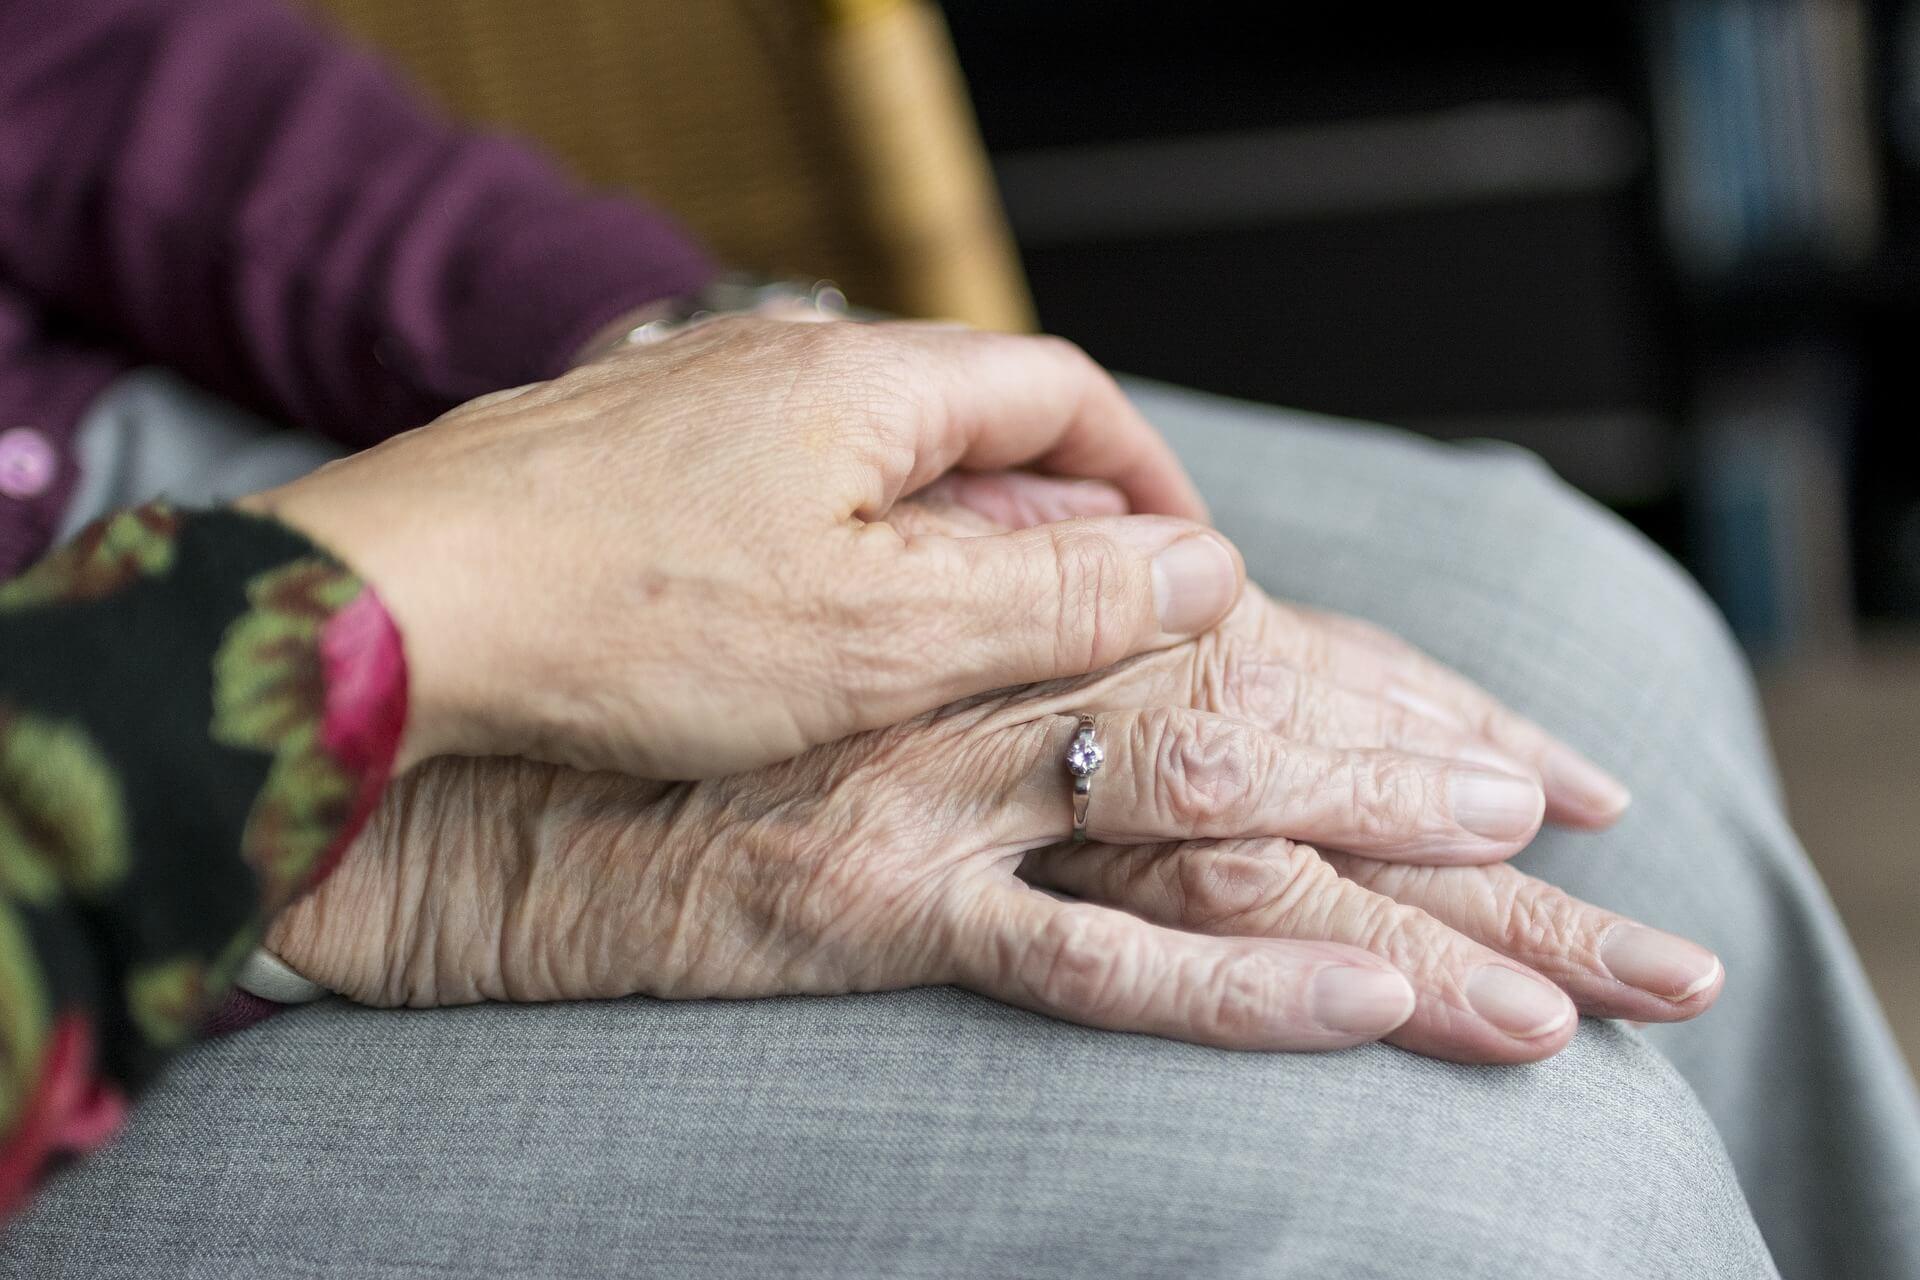 קרן לחיים מבית מנורה - פיצוי כספי בעת גילוי מחלת הסרטן